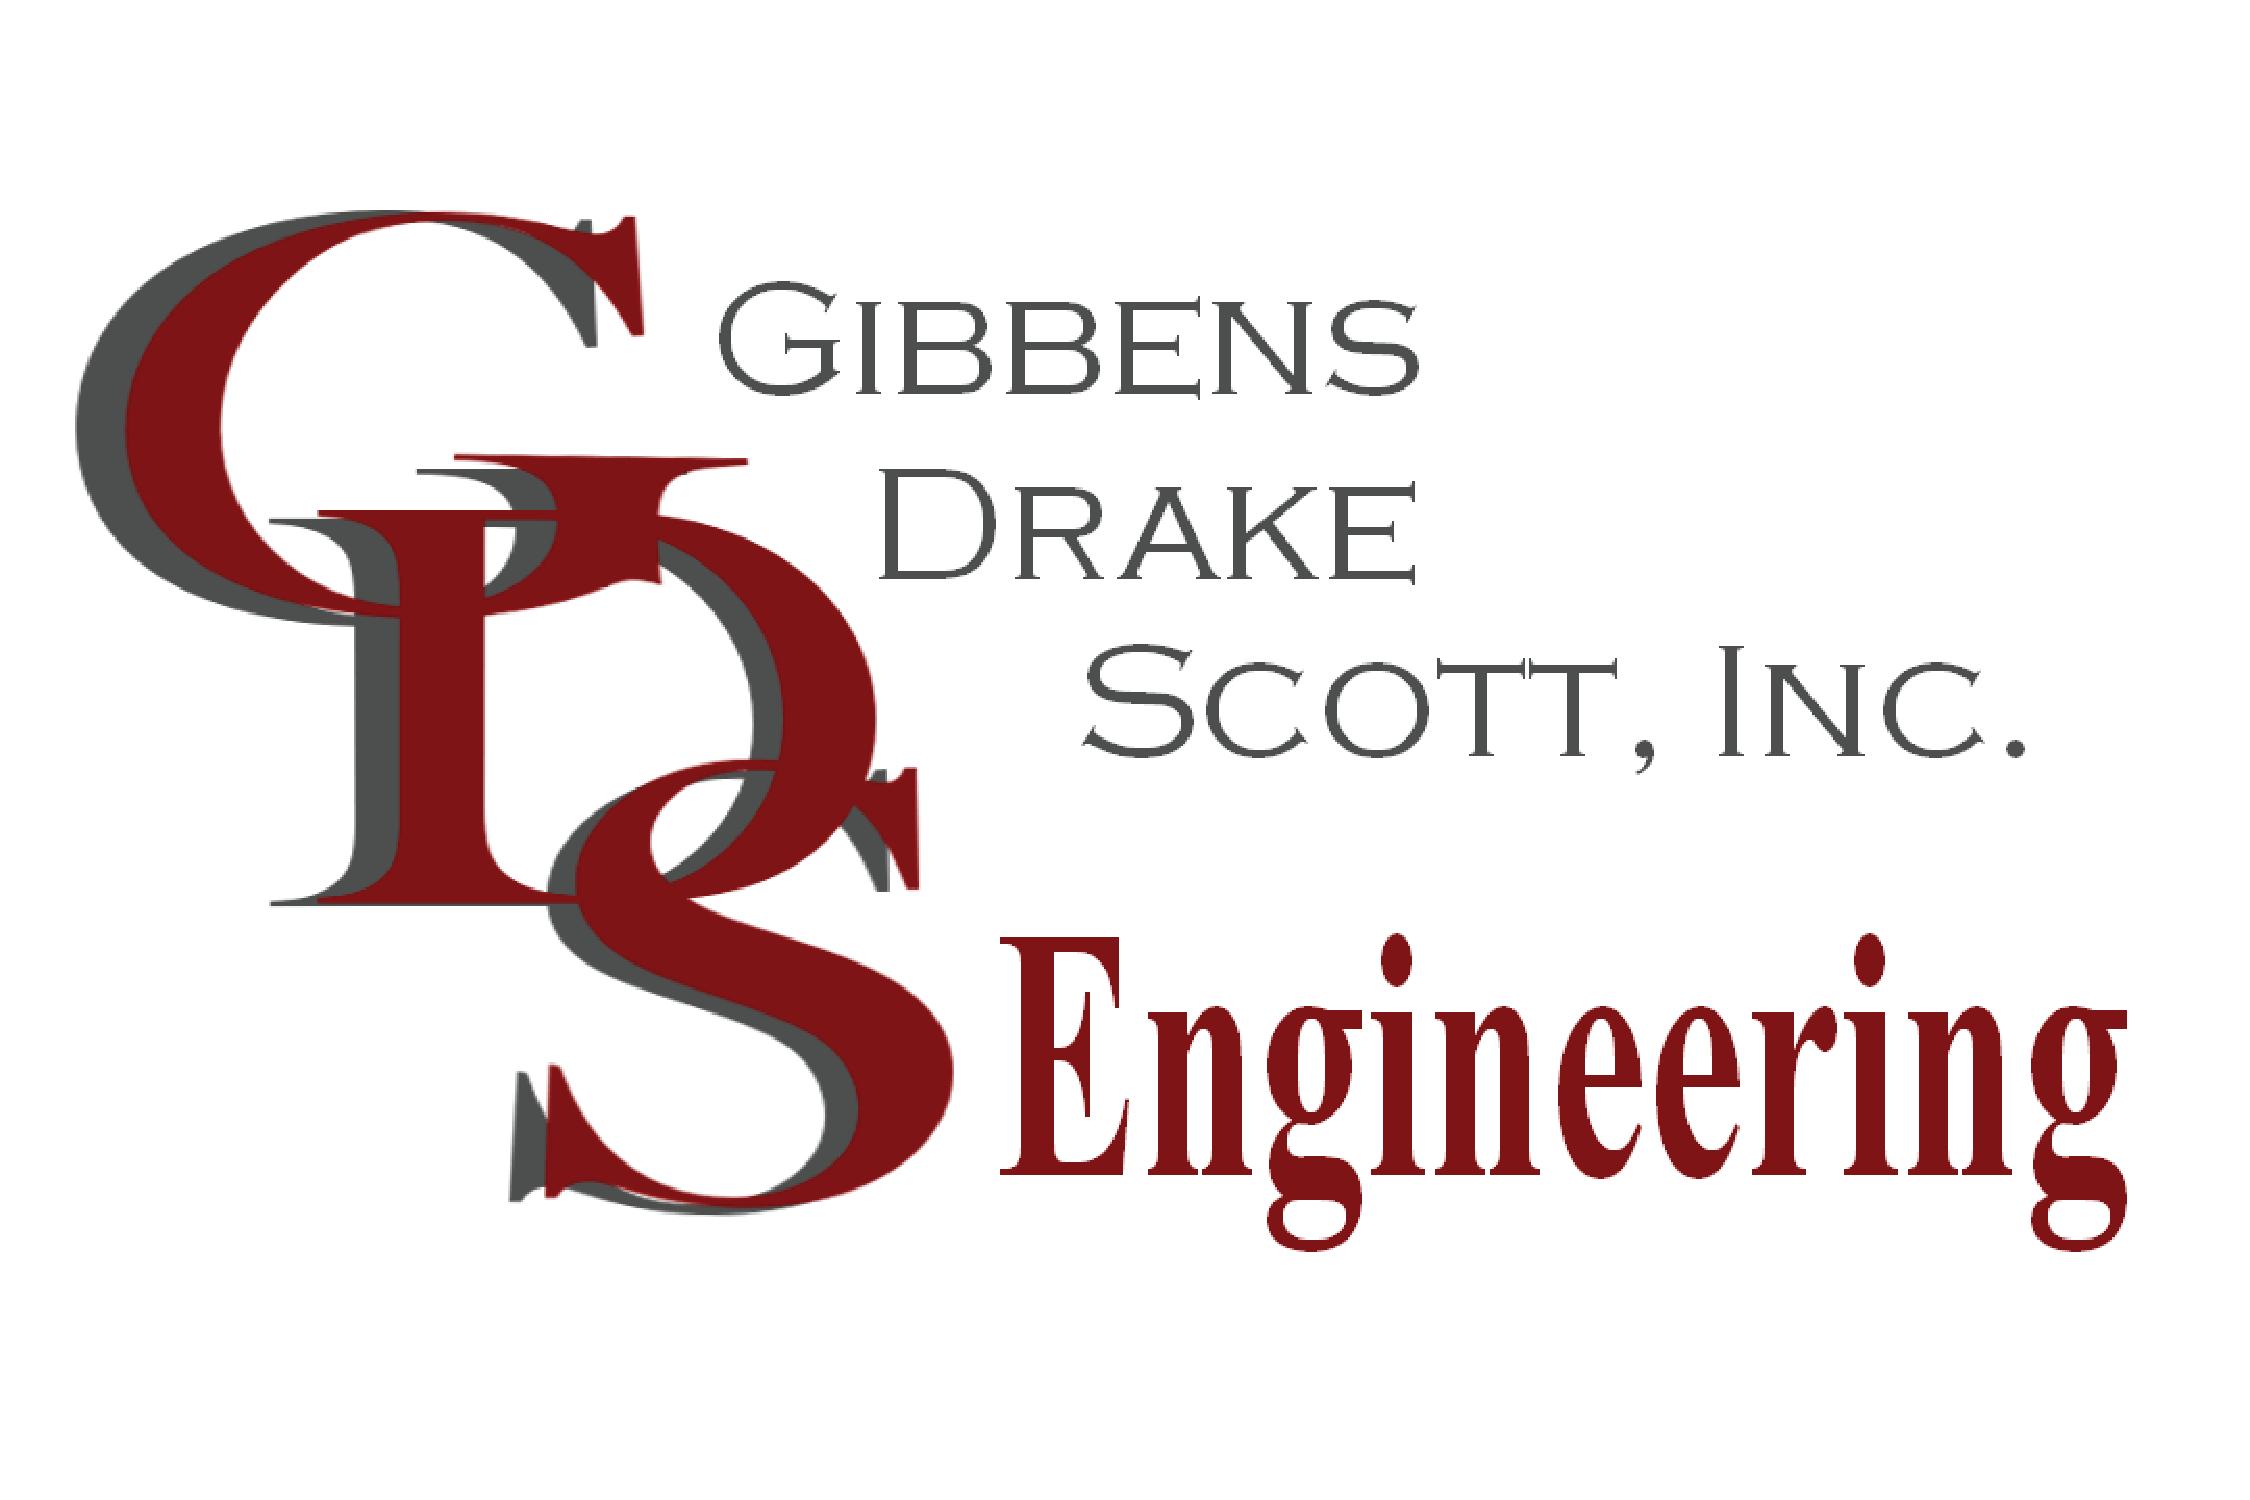 Gibbens Drake Scott